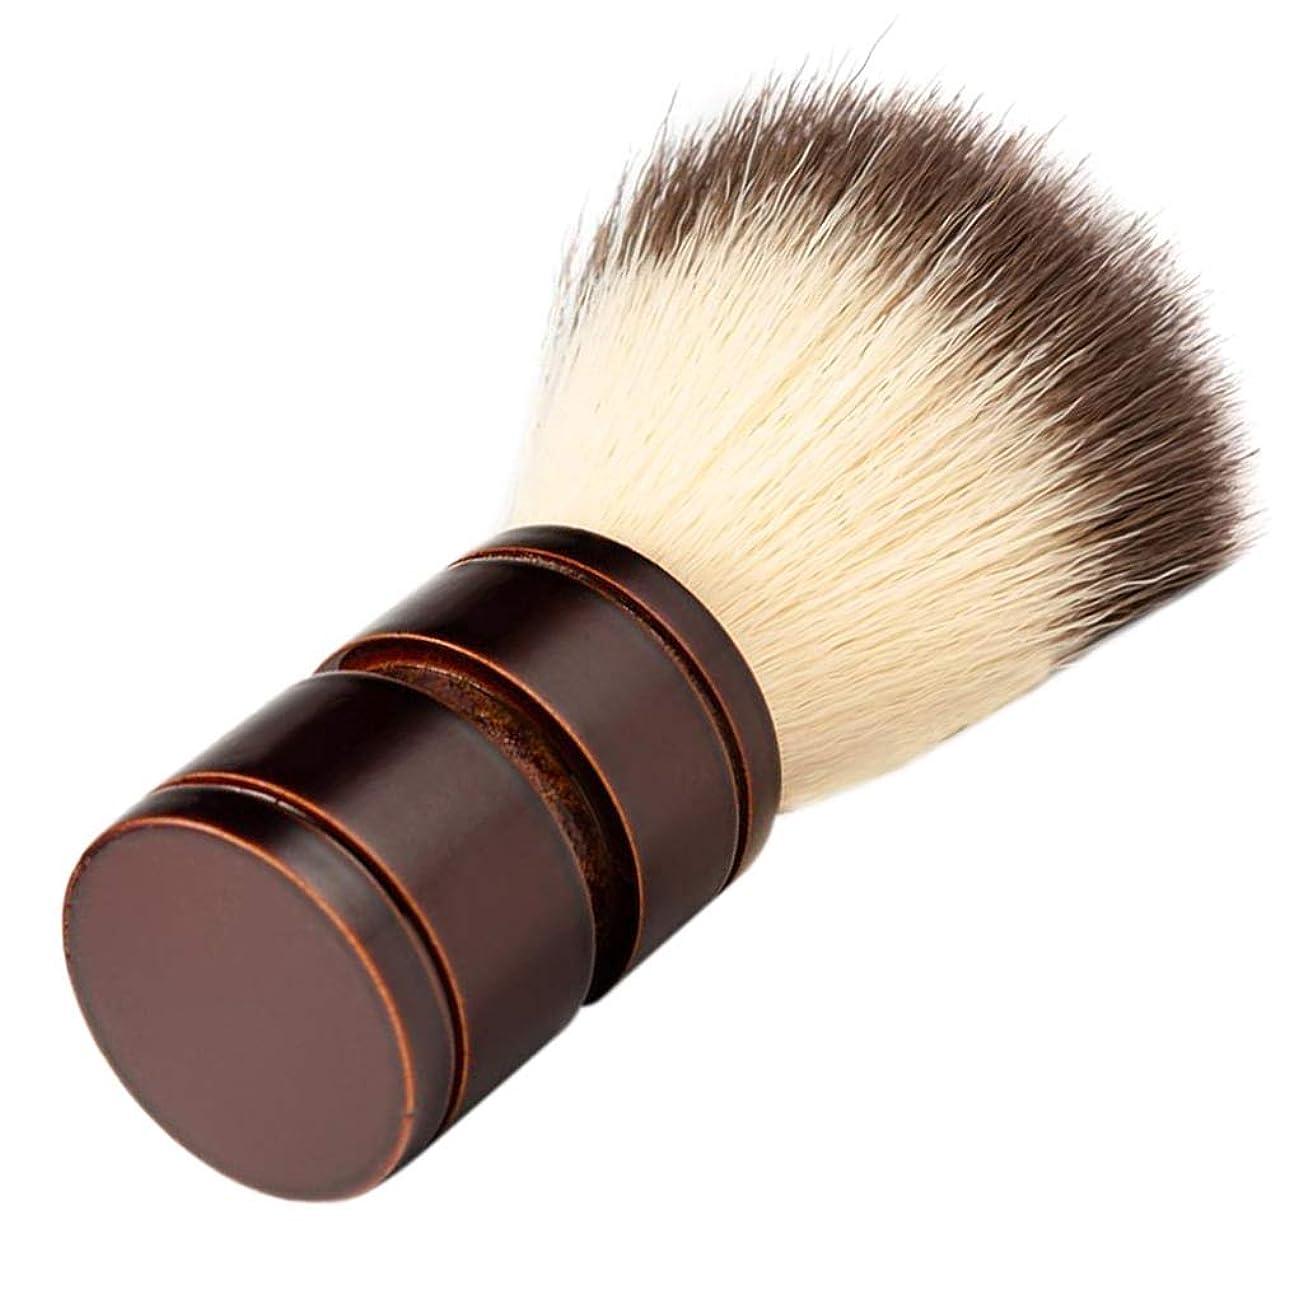 細分化する一流いろいろP Prettyia シェービング ブラシ メンズ ナイロン ひげブラシ 洗顔ブラシ 理容 洗顔 髭剃り 泡立ち